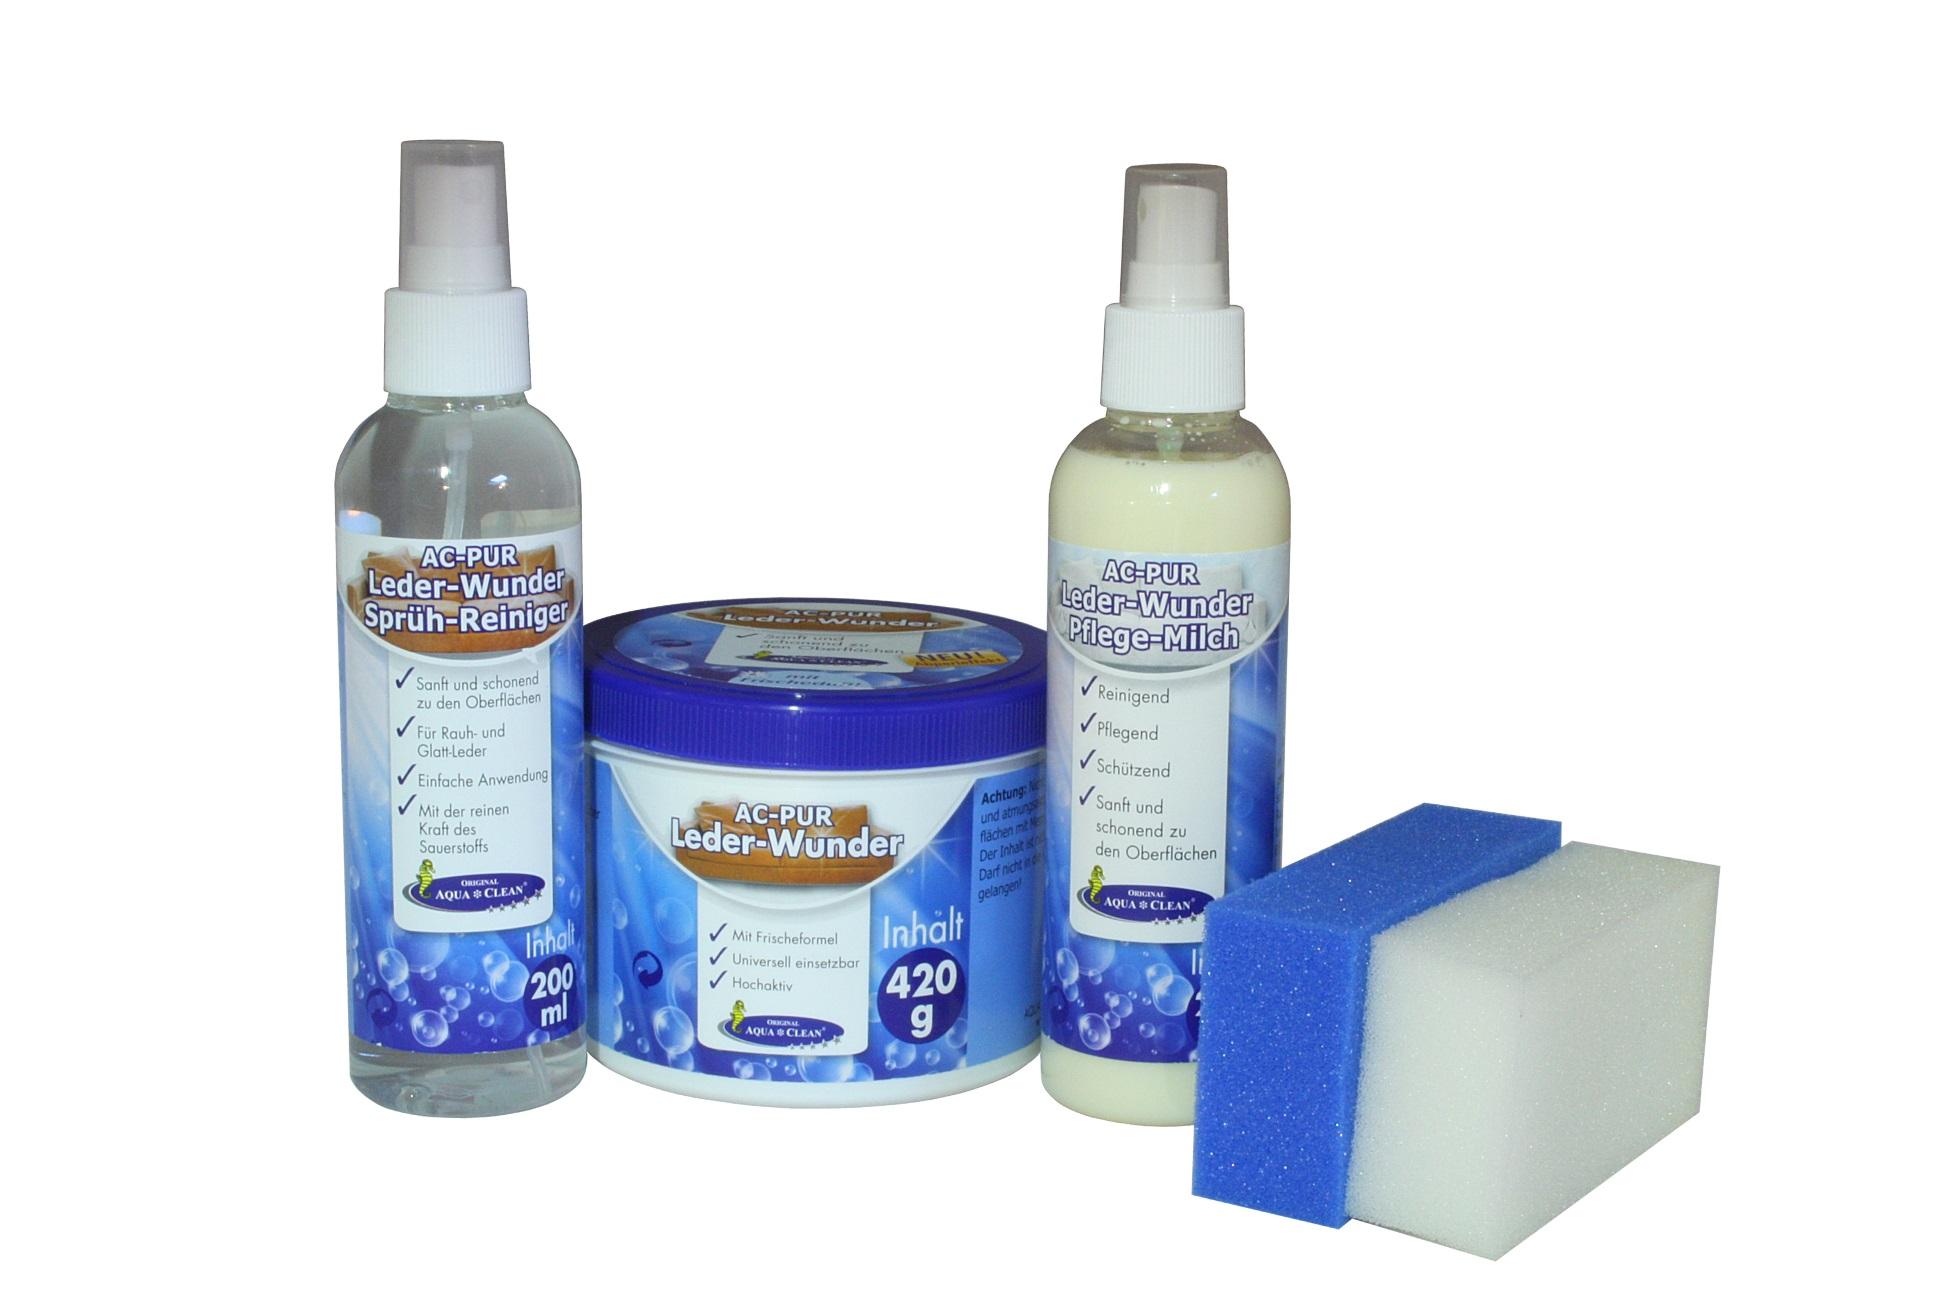 aqua clean pur pflegeset f r alle lederarten reinigt sch tzt pflegt 5 tlg aqua clean. Black Bedroom Furniture Sets. Home Design Ideas